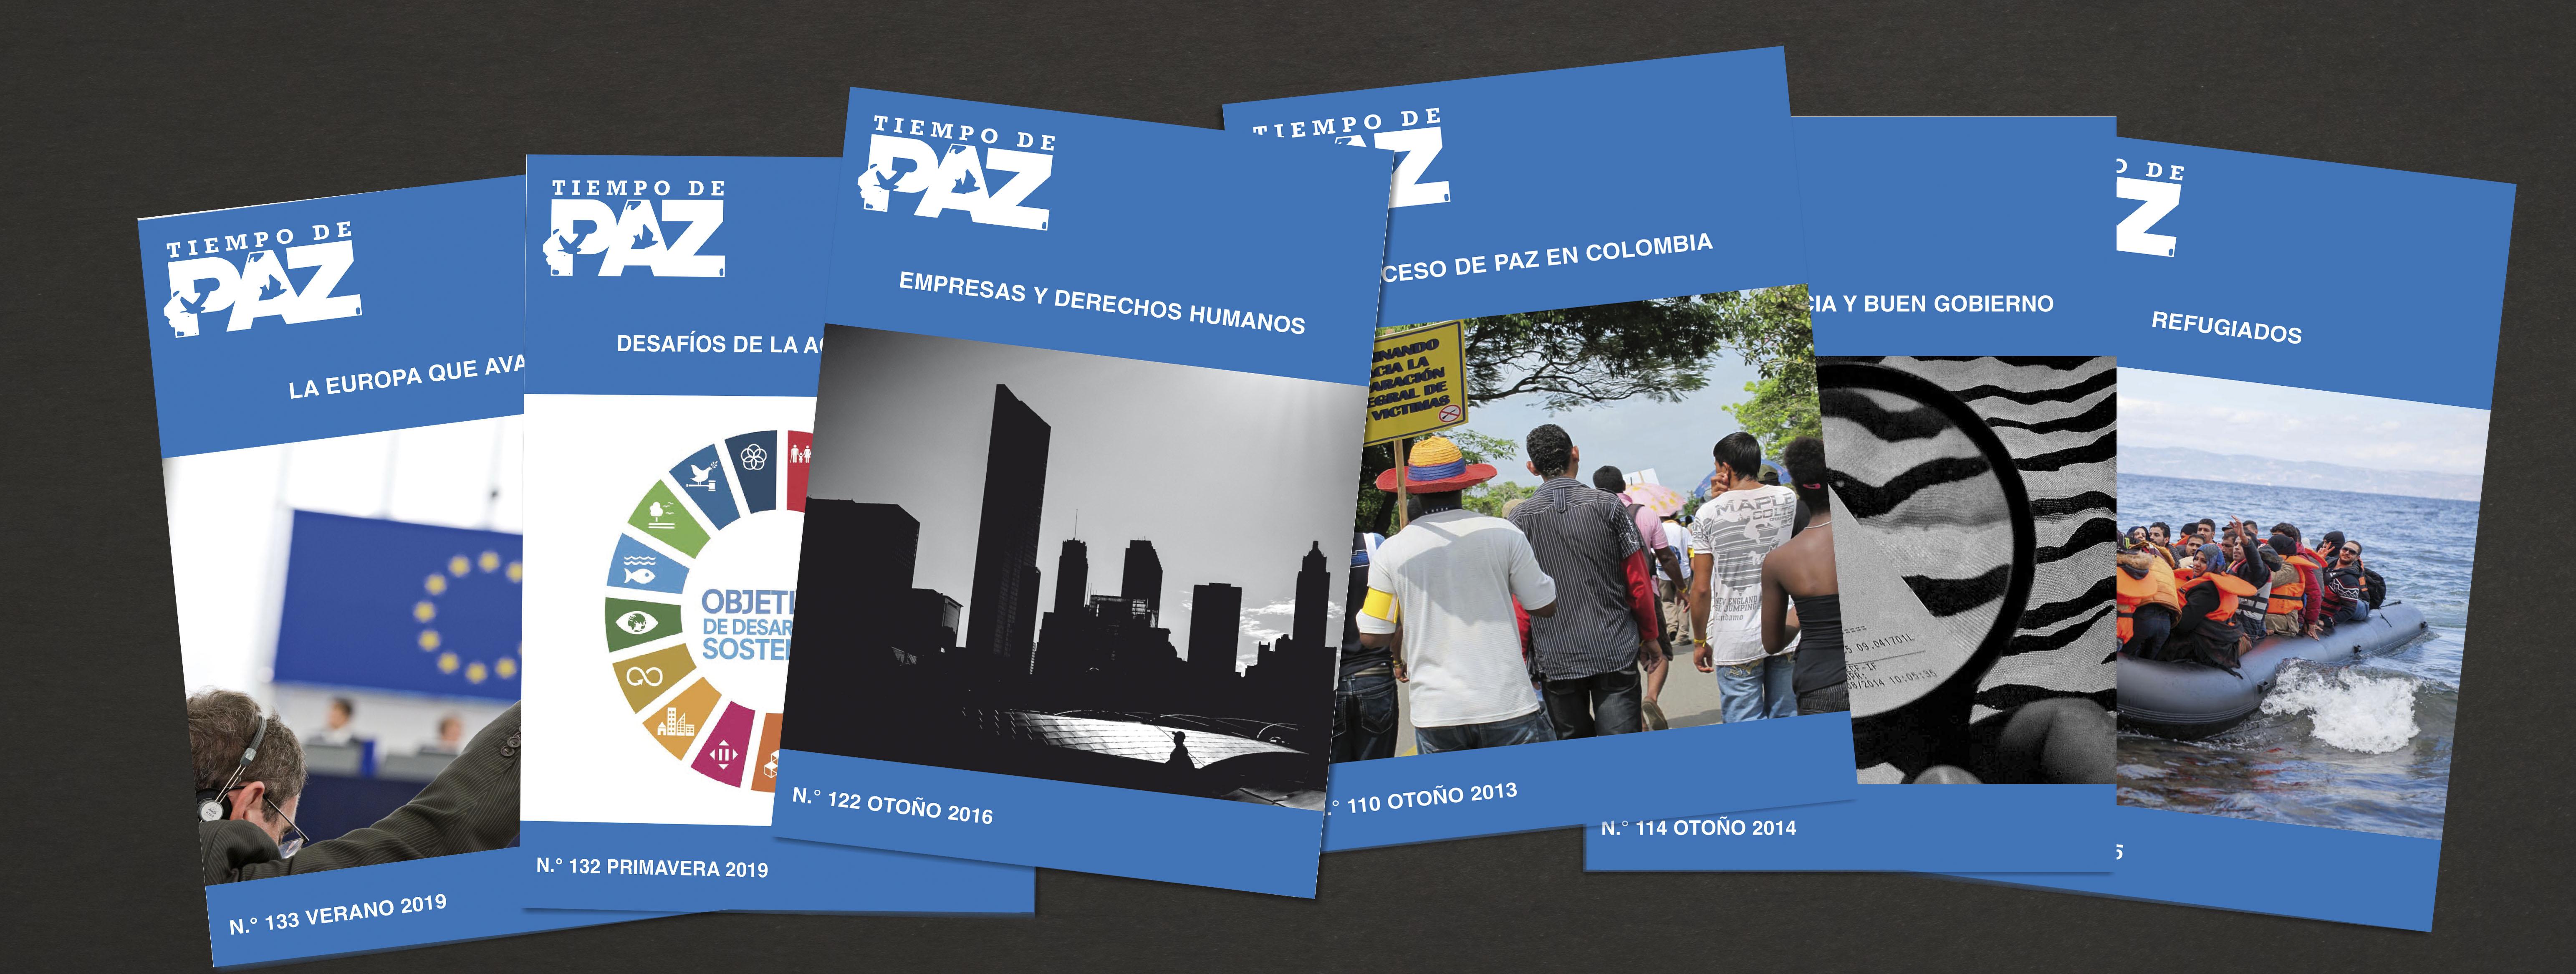 Revista Tiempo de Paz